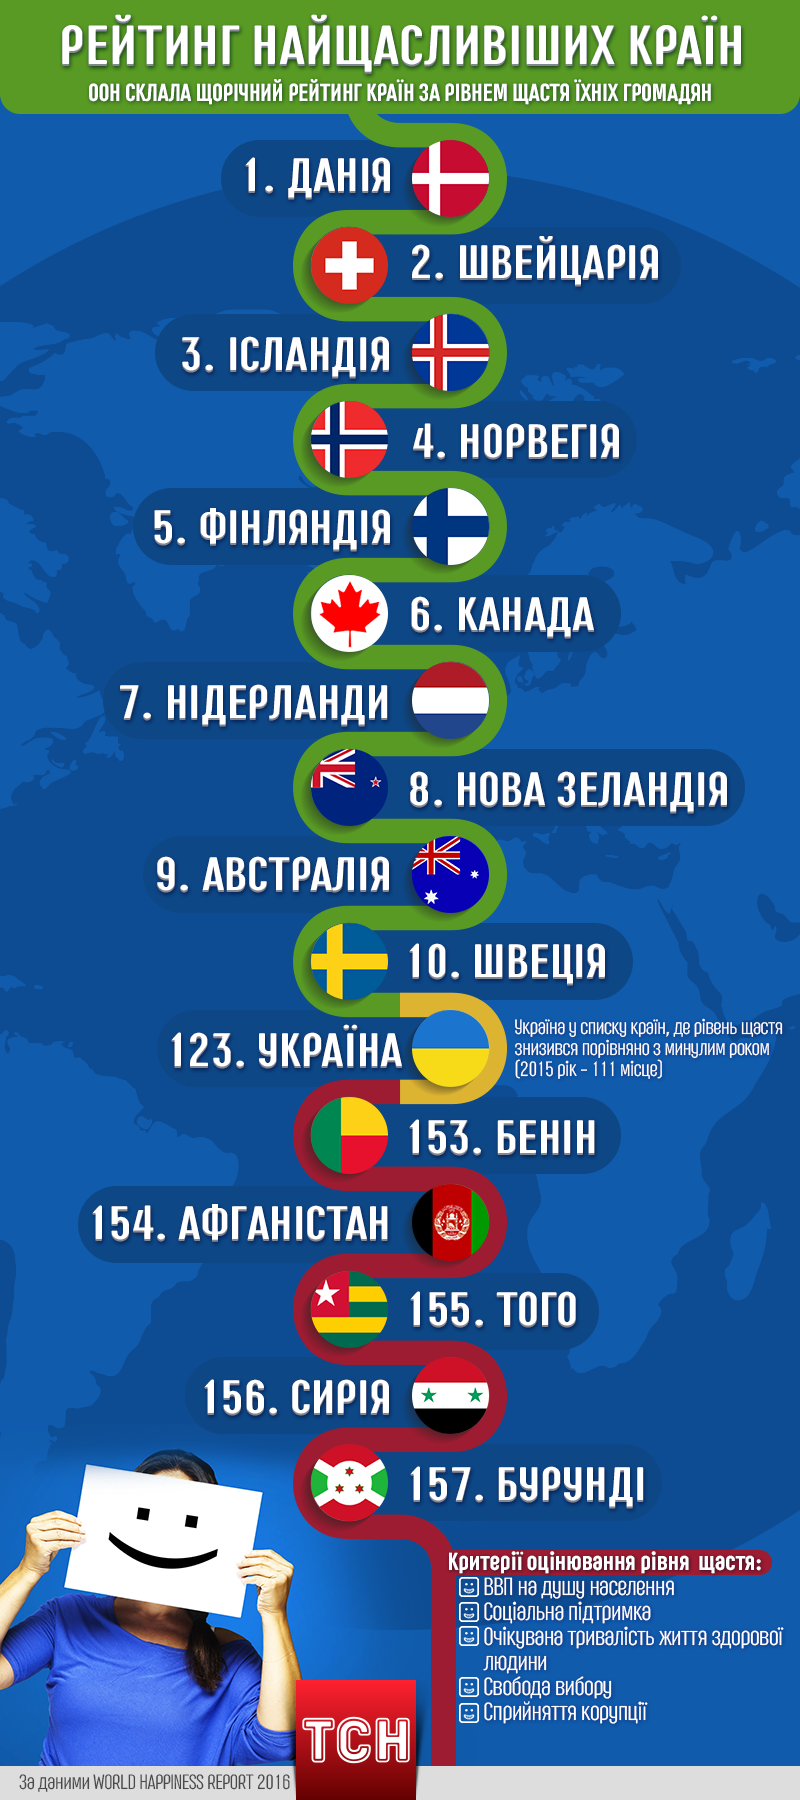 Рейтинг щасливих країн